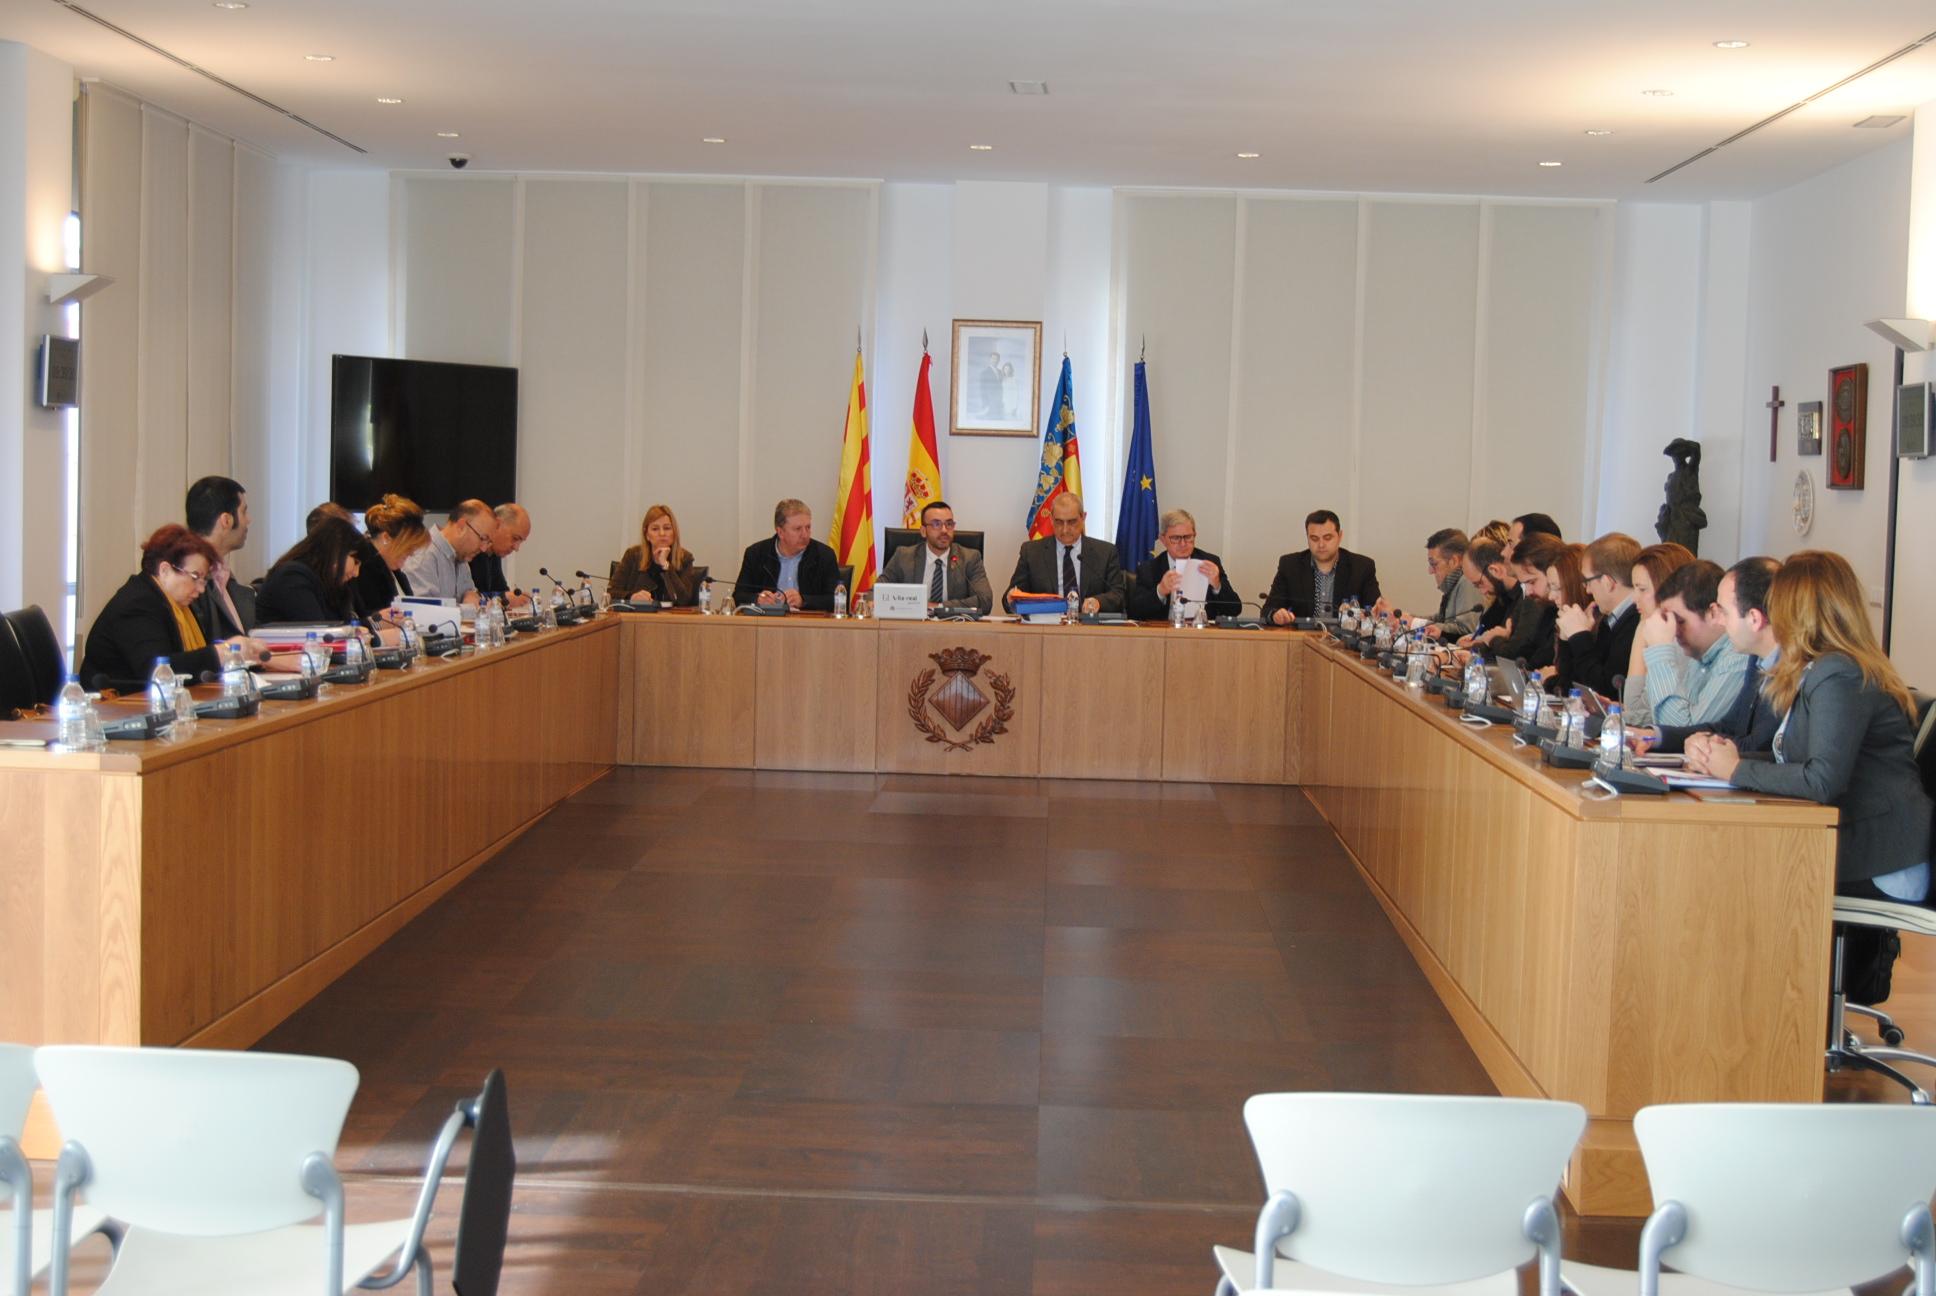 Vila-real aprueba la liquidación presupuestaria del 2017 con 4,6 millones de euros en remanentes para gastos generales